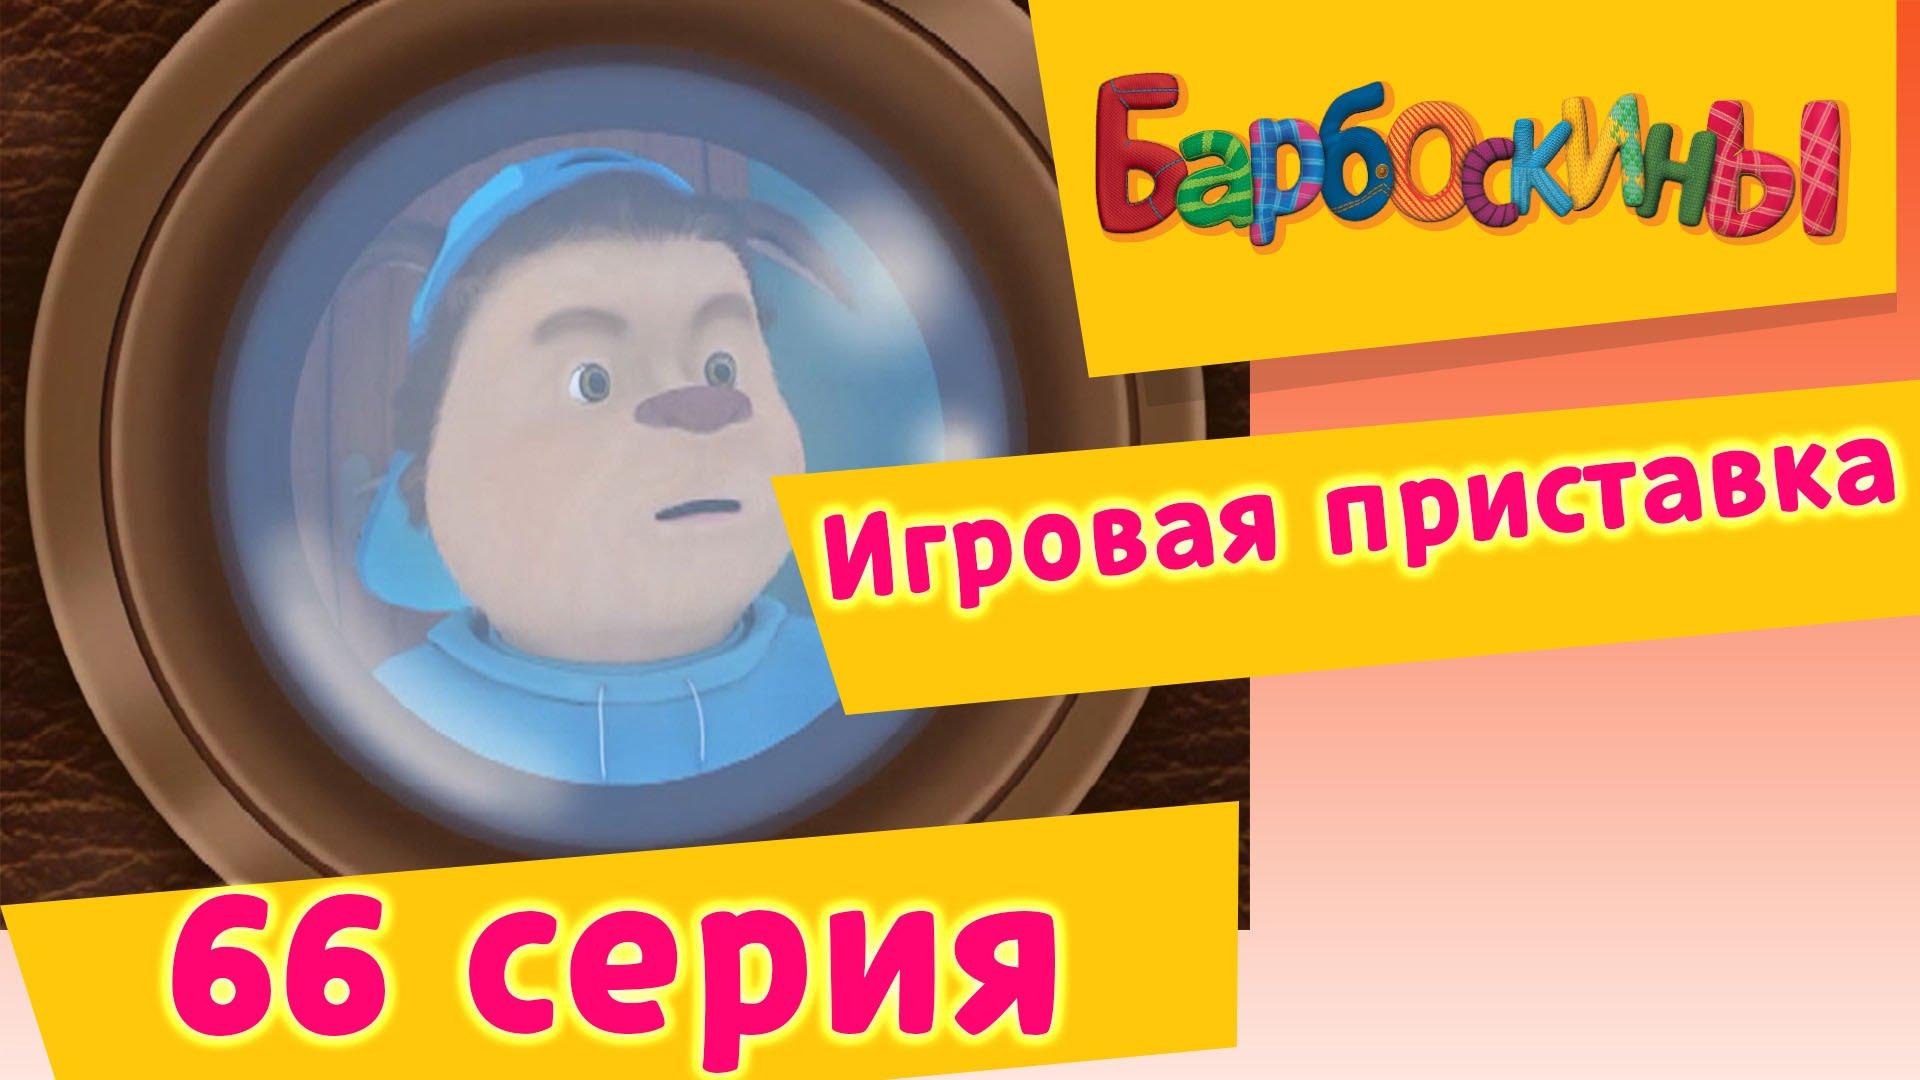 Барбоскины — 66 Серия. Игровая приставка